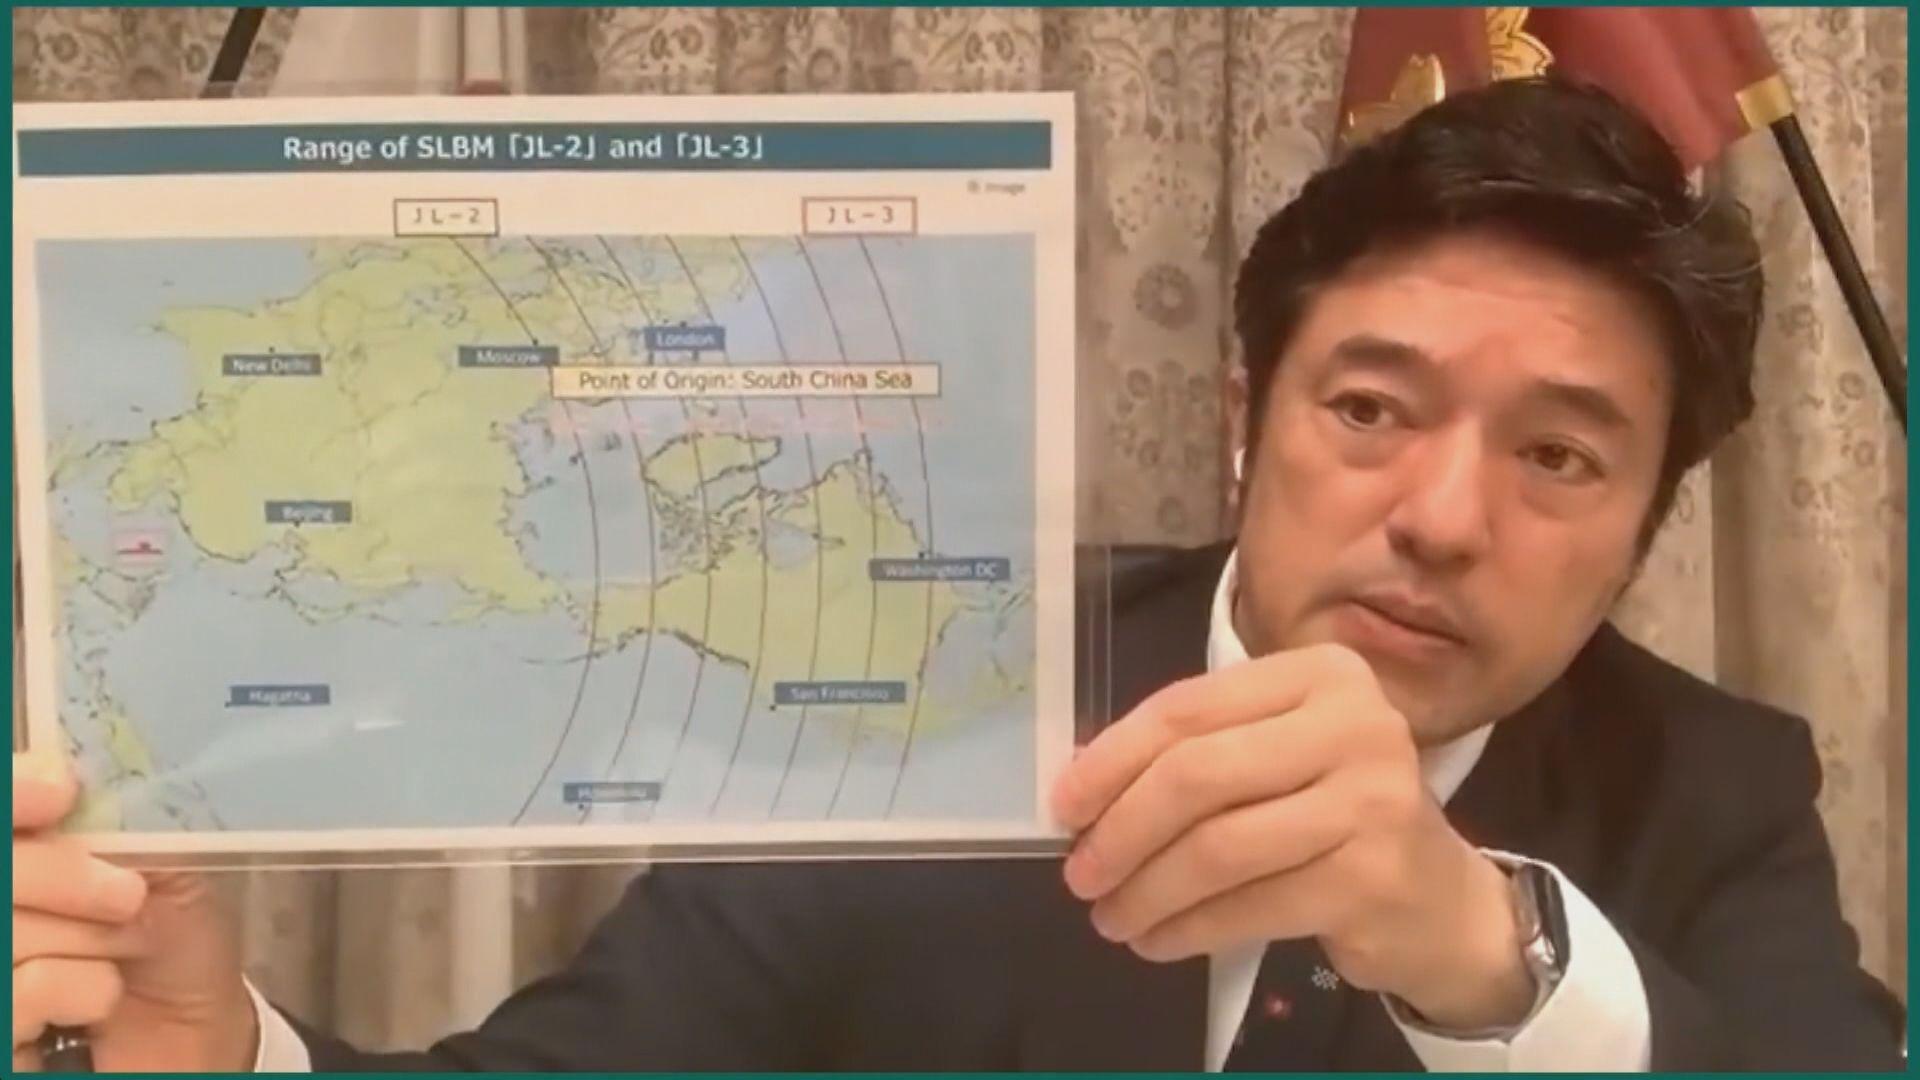 日本防衛官員警告中俄合作構成威脅 又稱要保護台灣